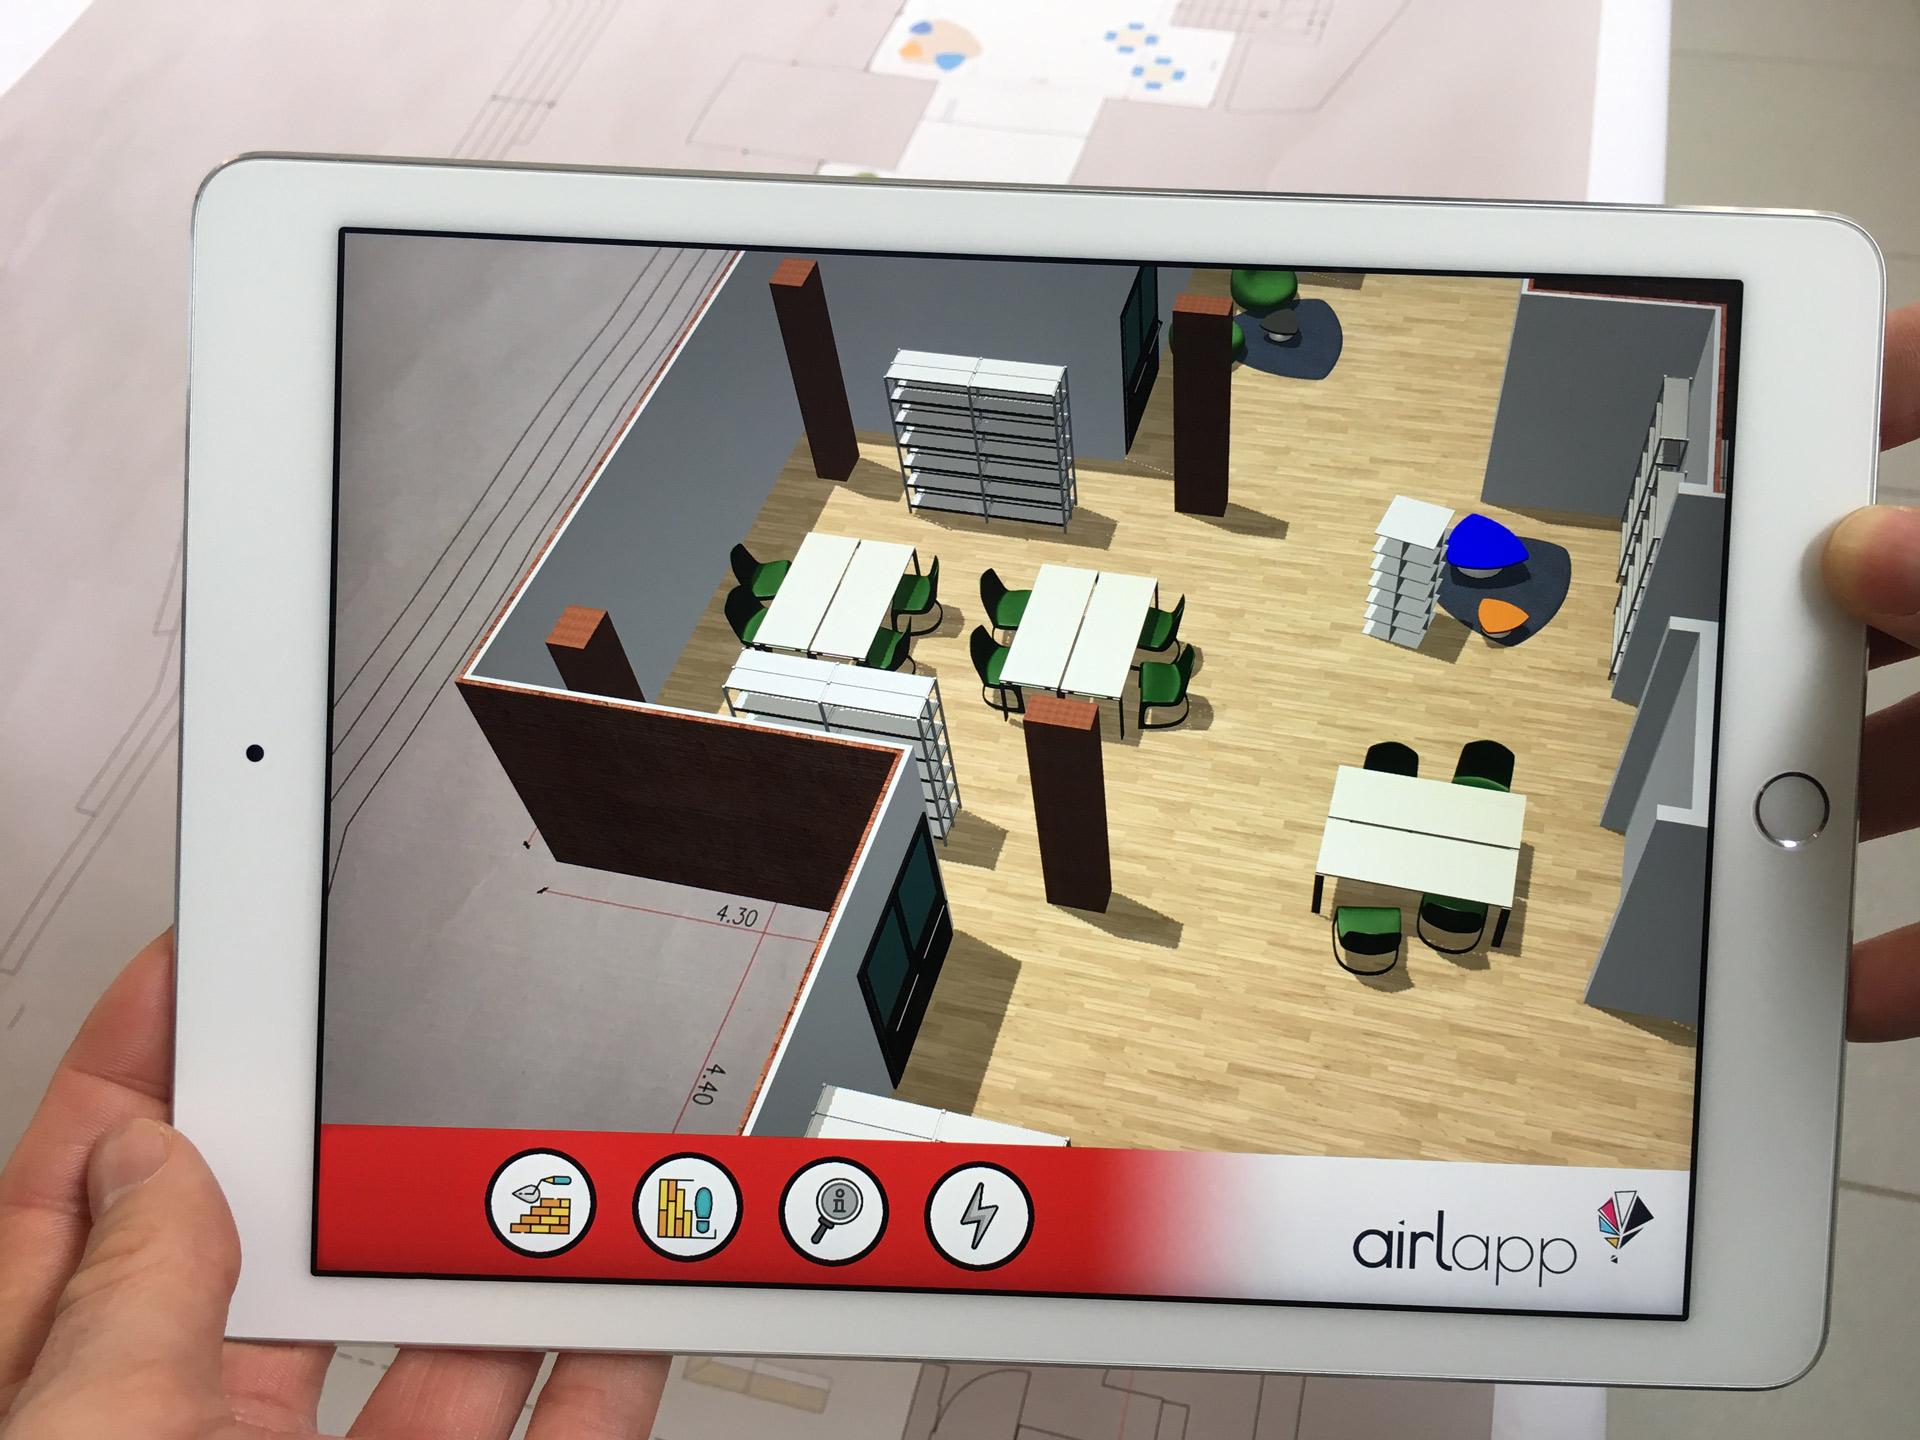 Immagine App Realtà Aumentata AR Extrude dettaglio mobili